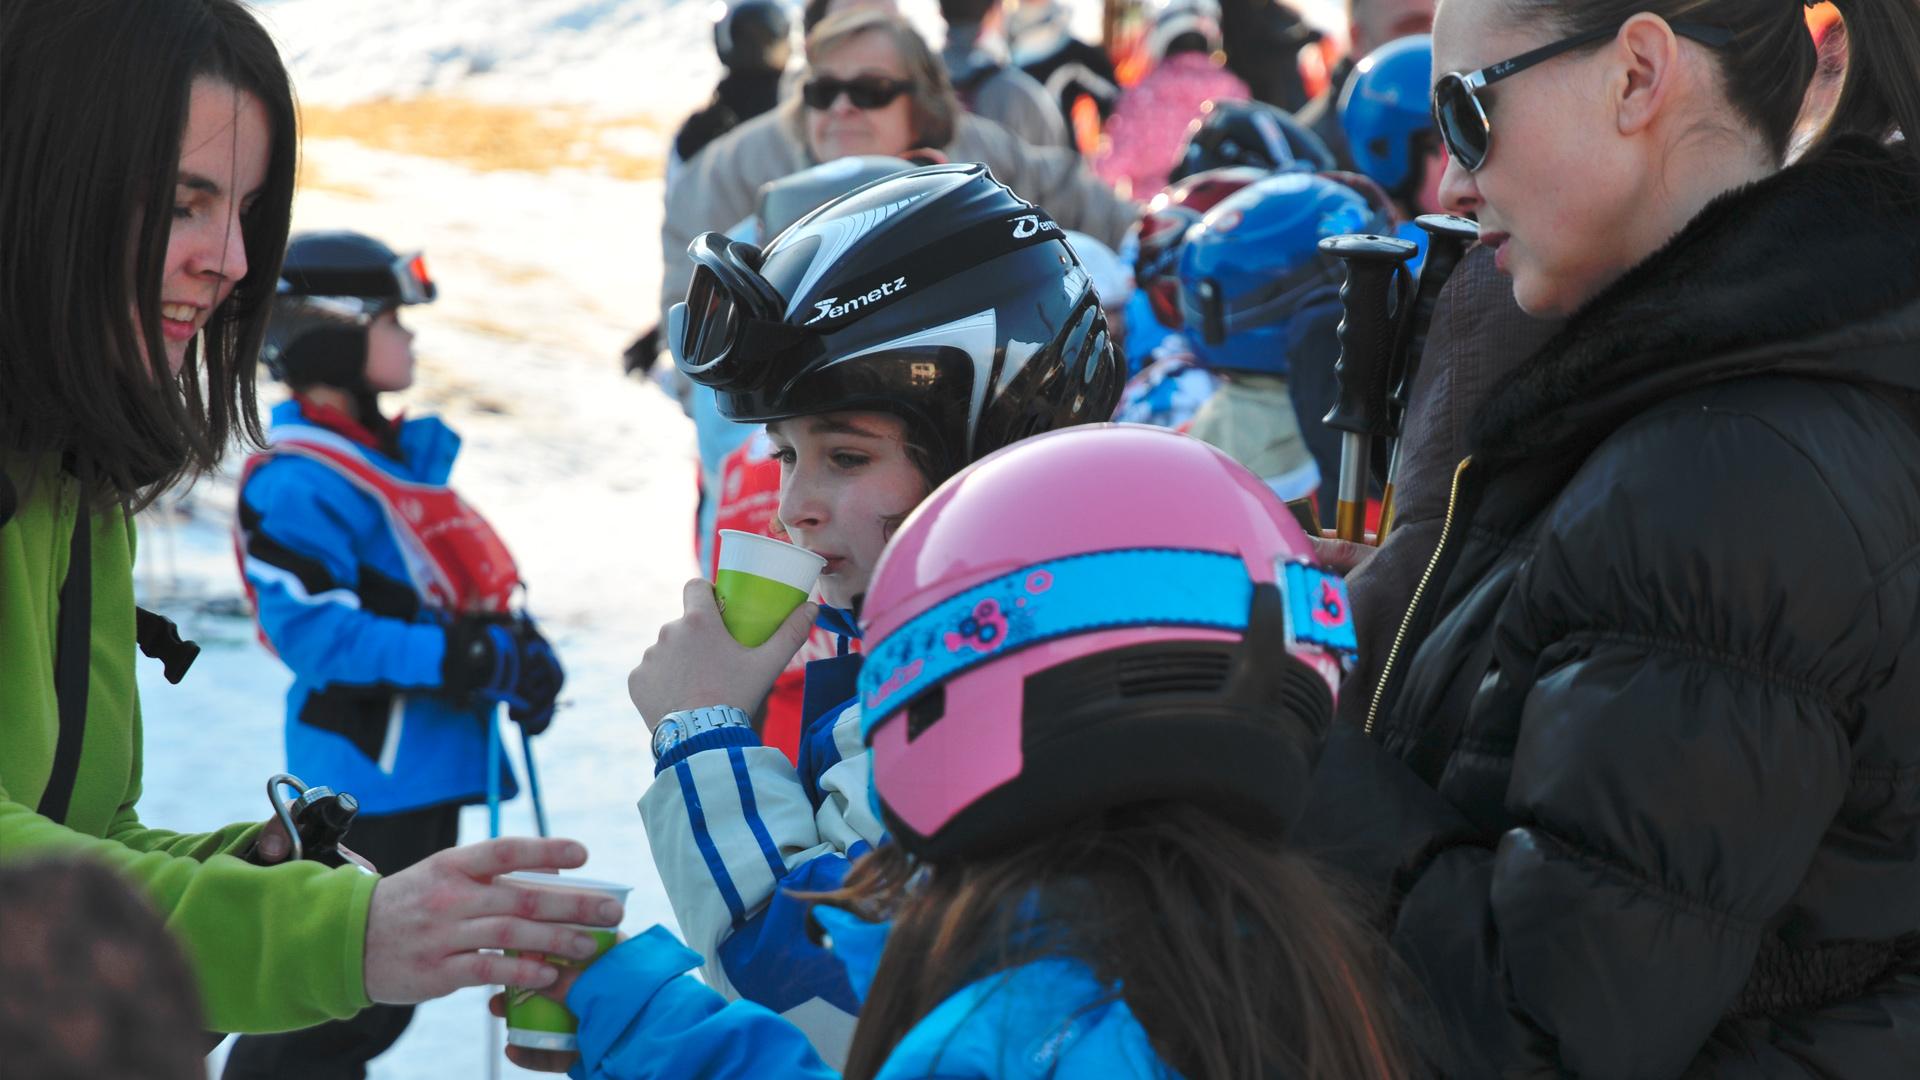 Une famille qui déguste un chocolat chaud menier tendu par une animatrice commerciale en bas des pistes de la station de ski